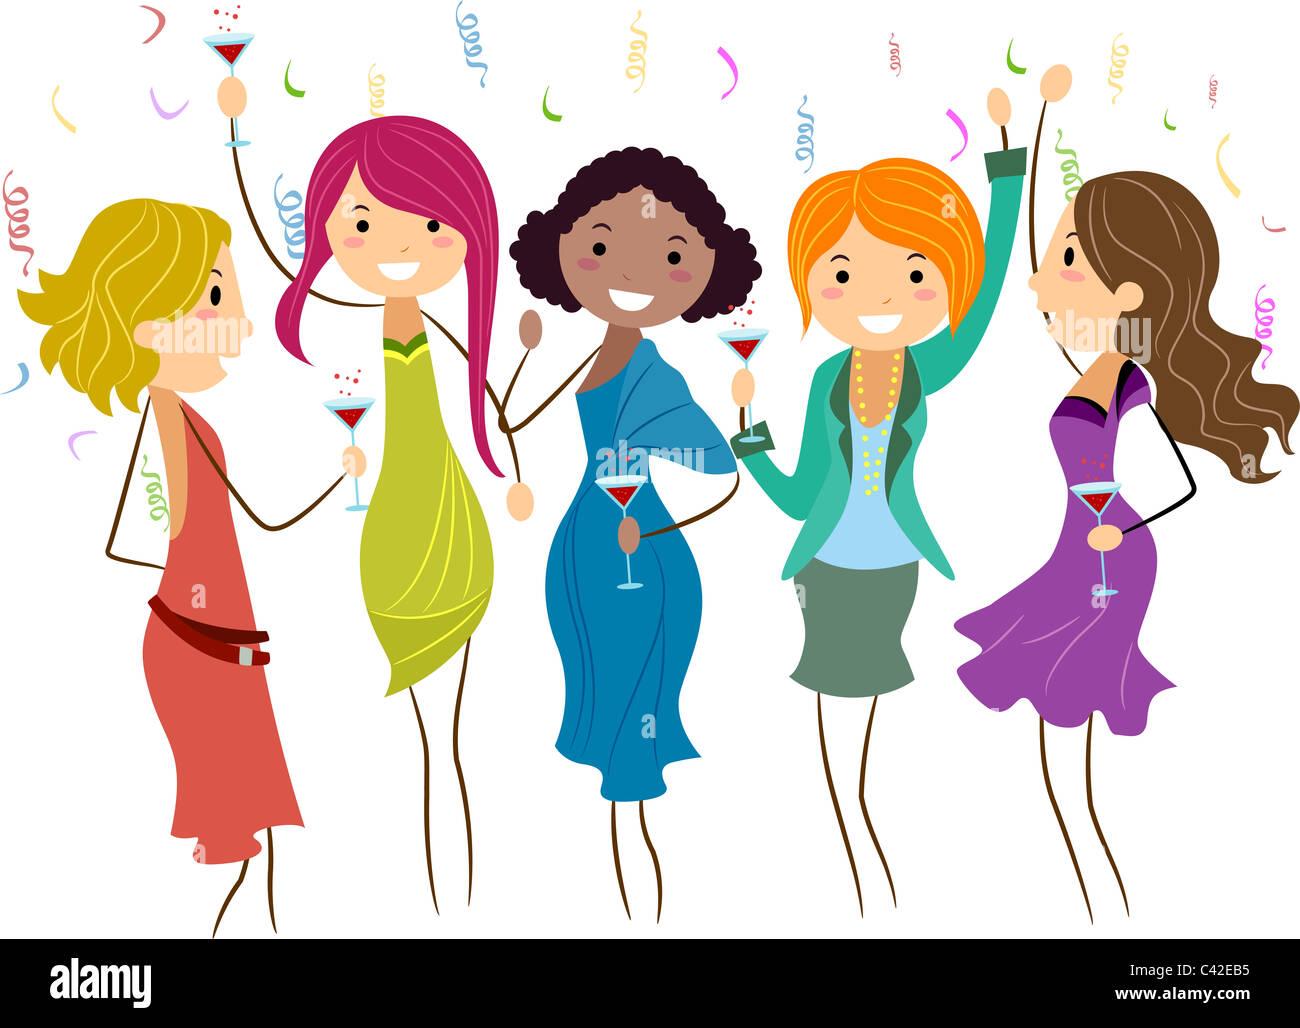 Ilustración De Las Mujeres En Una Despedida De Soltera Foto